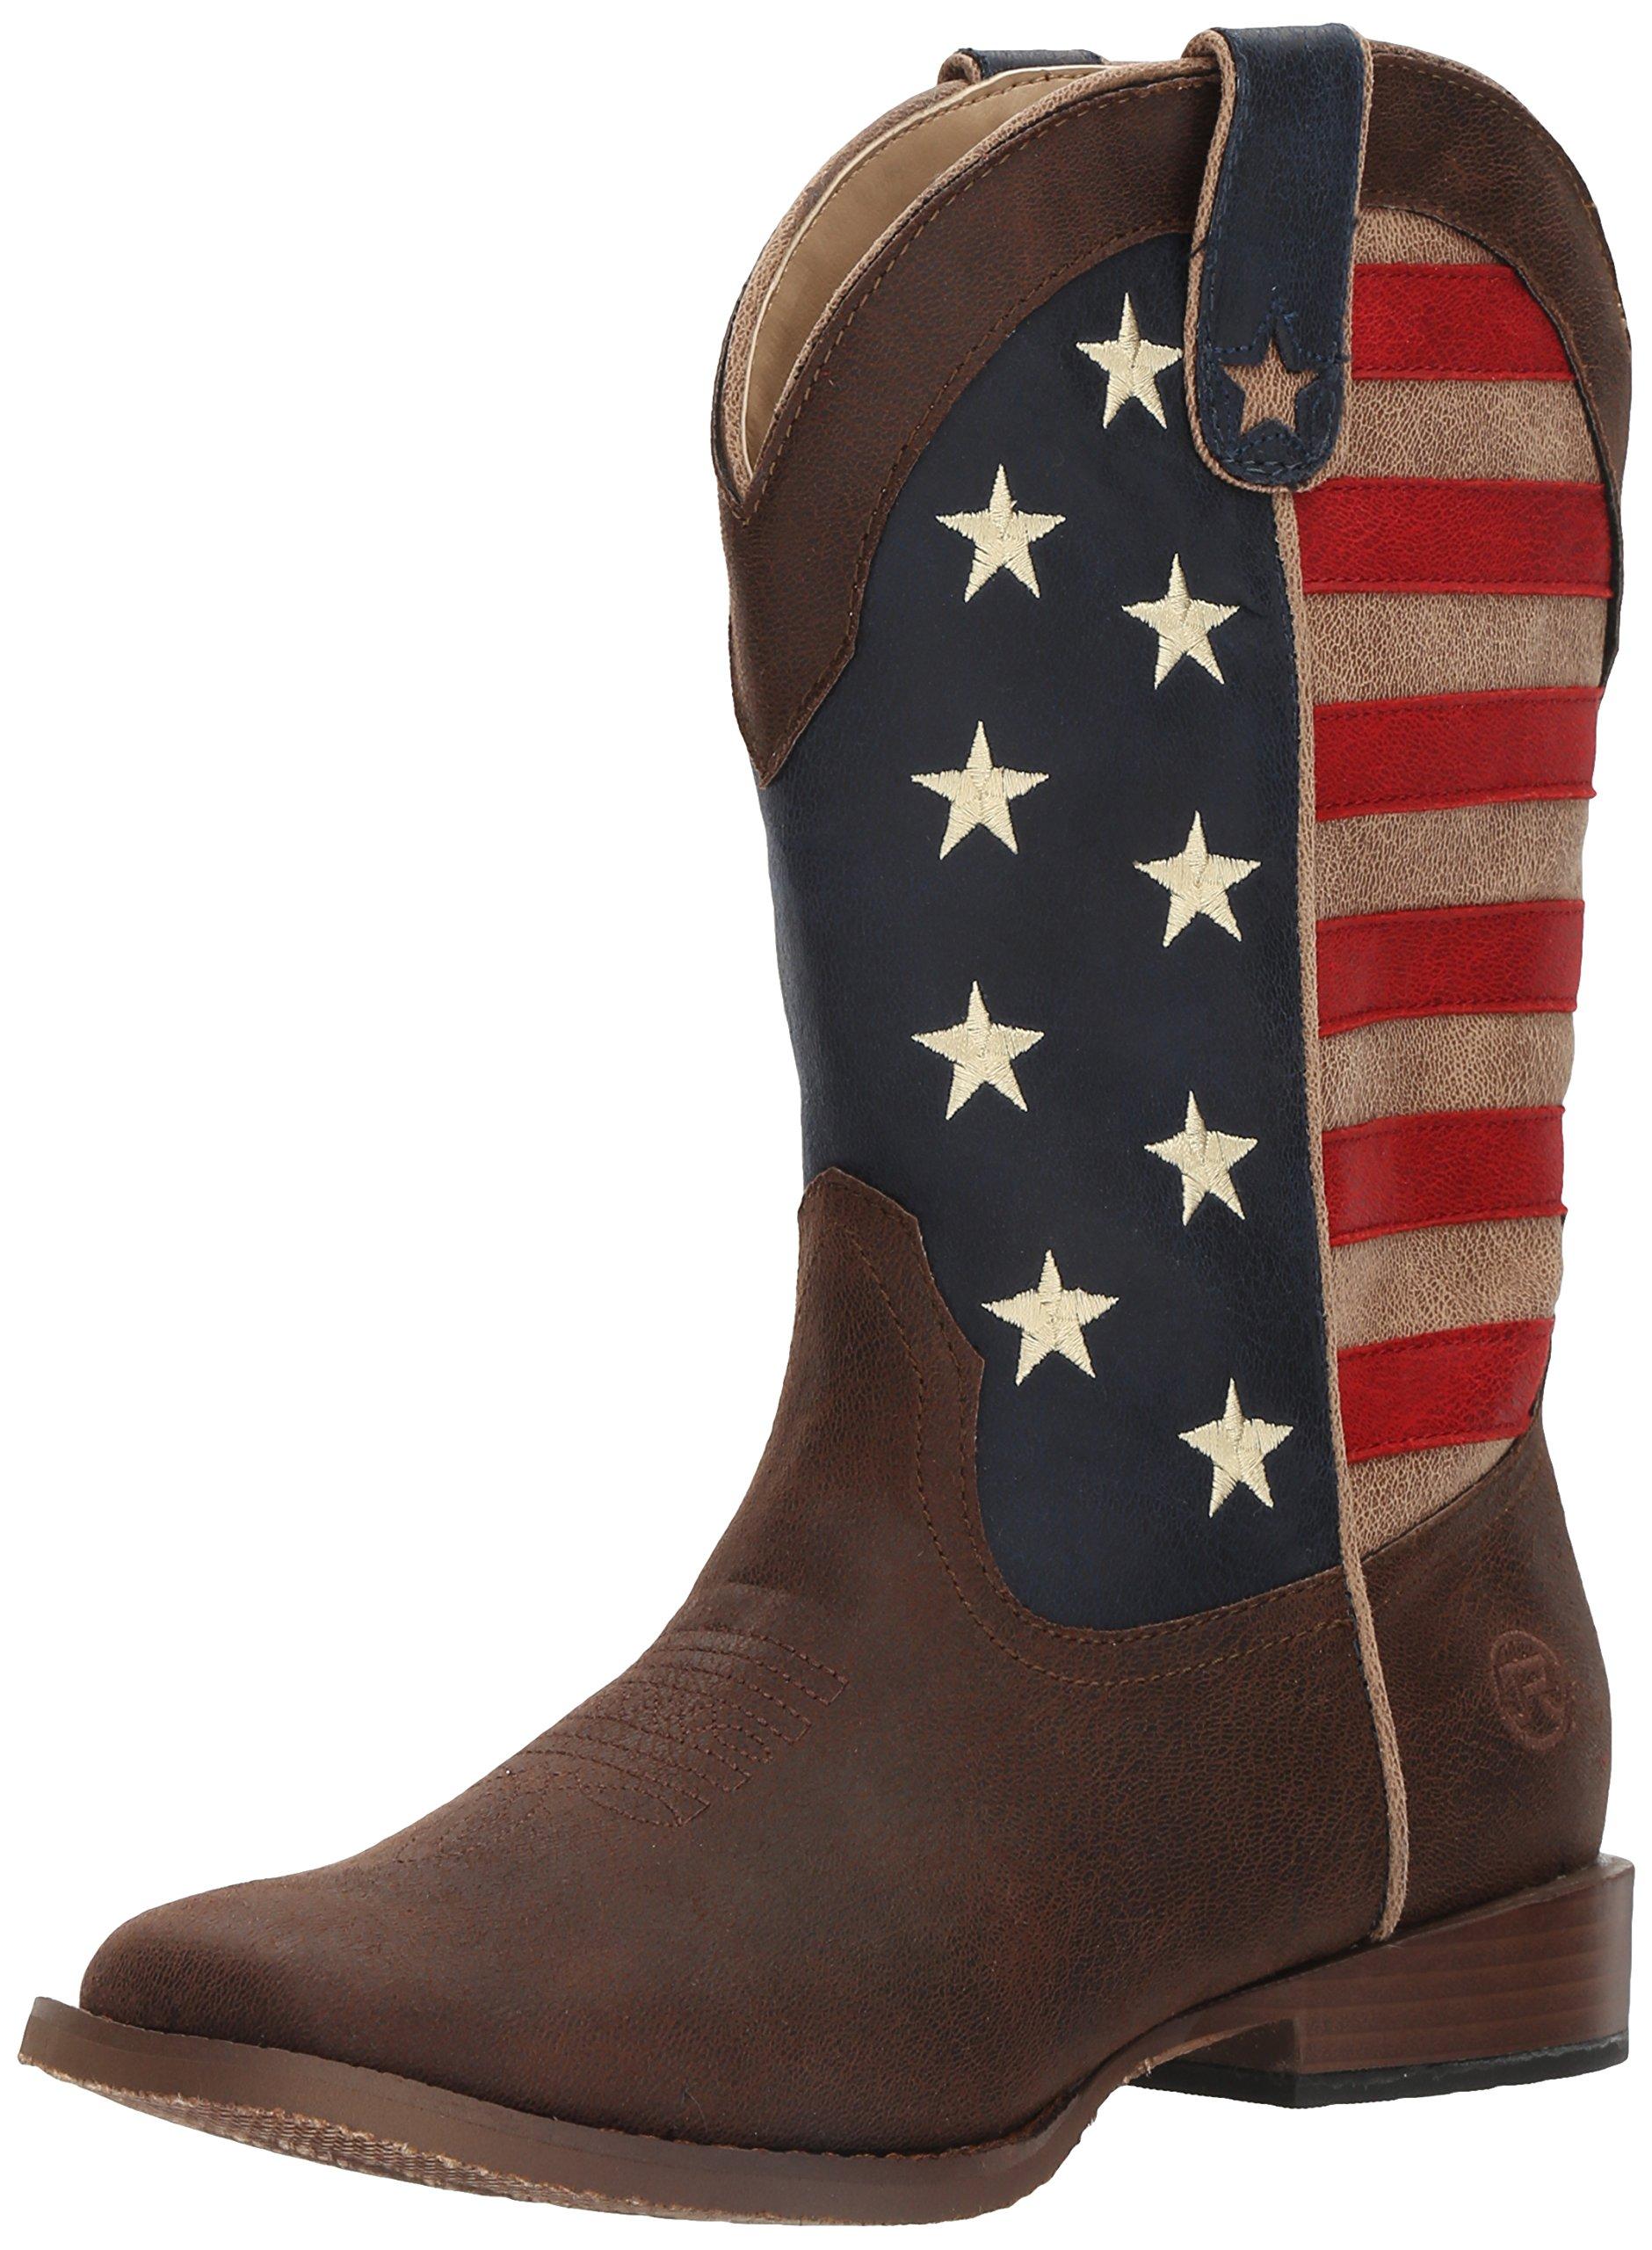 ROPER Boys' American Patriot, Brown, 13 M US Little Kid